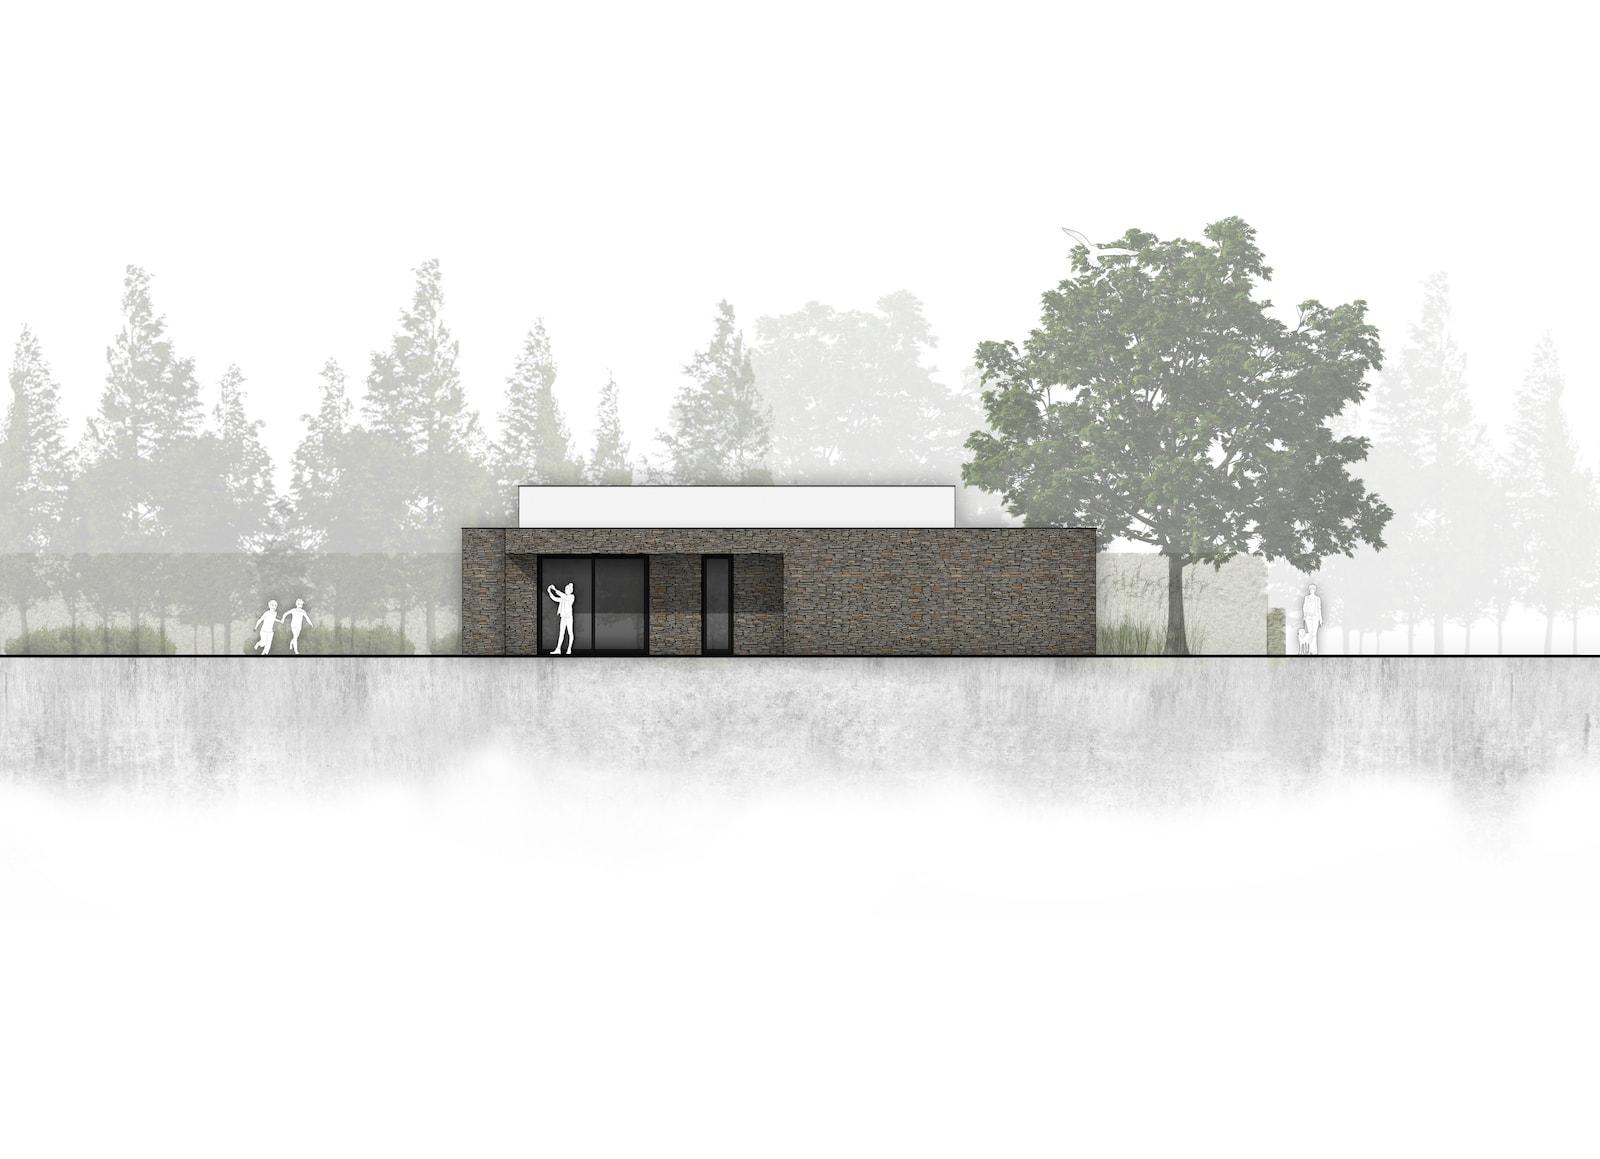 van-os-architecten-breda-nieuwbouw-moderne-bungalow-in-zichtwerk-natuurgevelsteen-en-gevelstucwerk-in-breda-overstek-zijgevel.